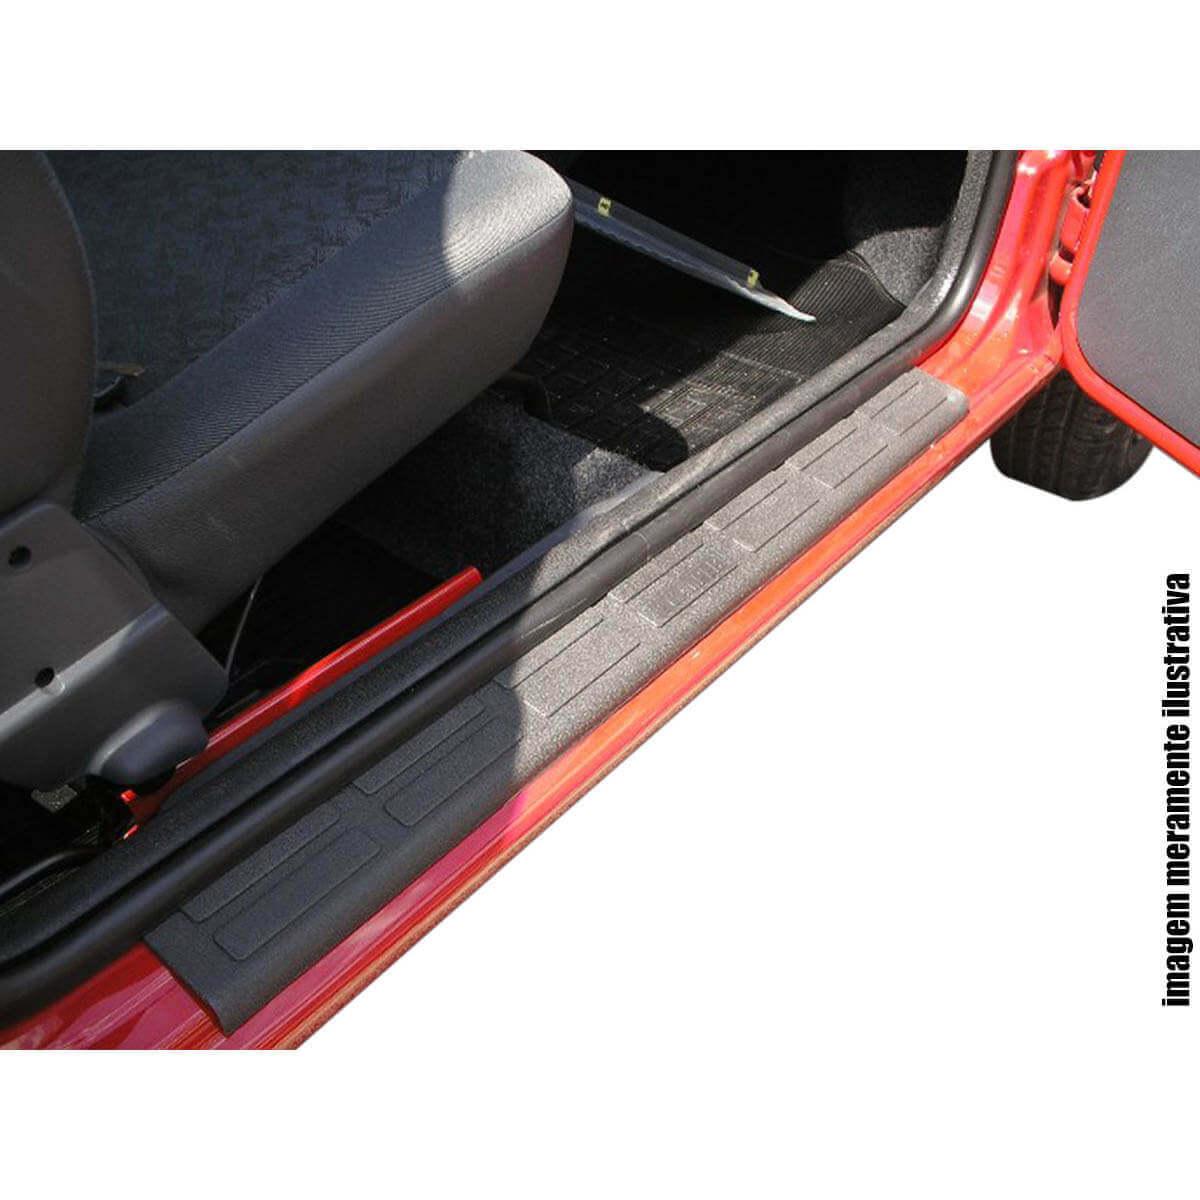 Protetor de soleira Nova S10 cabine dupla 2012 a 2020